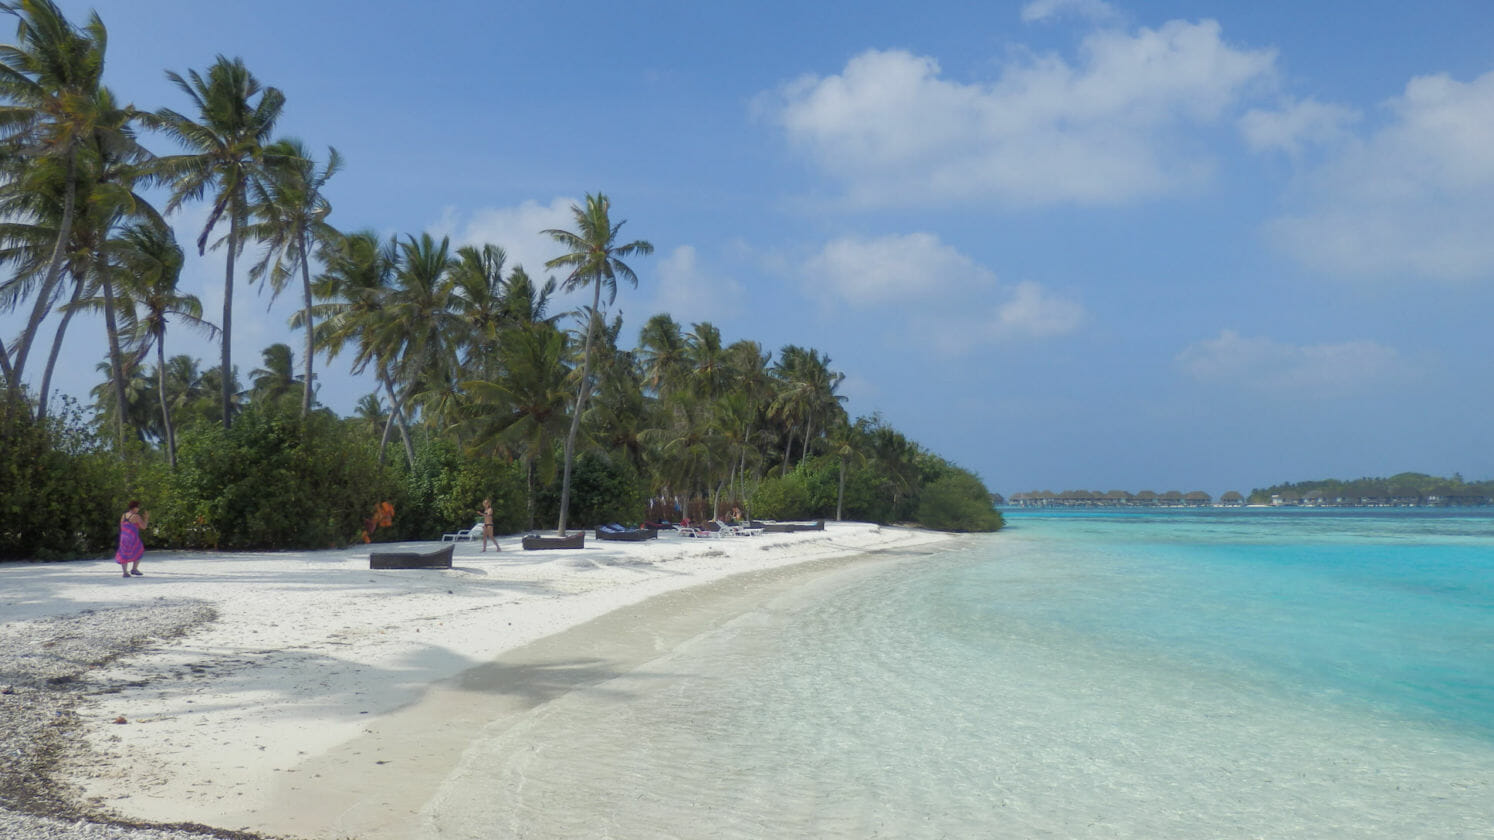 Maledivy, 8 dní s All Inclusive za 7.700 Kč